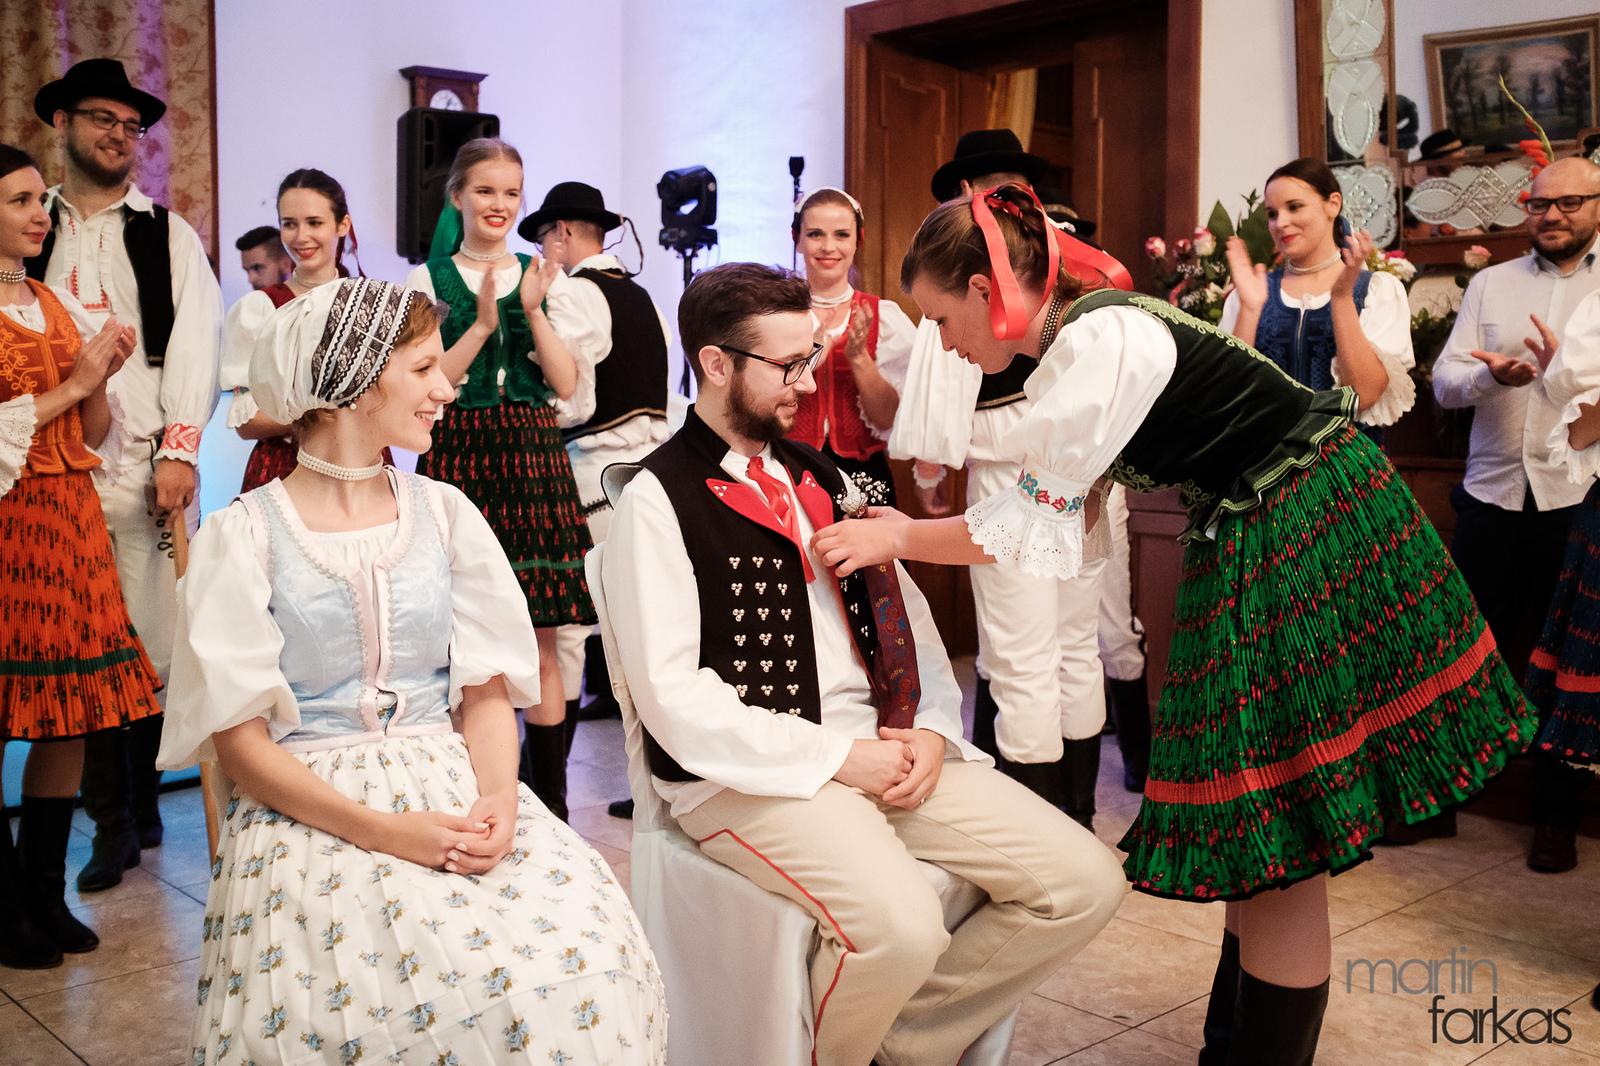 Svadba Smolenice, Zámok 05 #svadobnyDJ, #djanasvadbu, #svadba, #svadbasmolenice, #zamoksmolenice